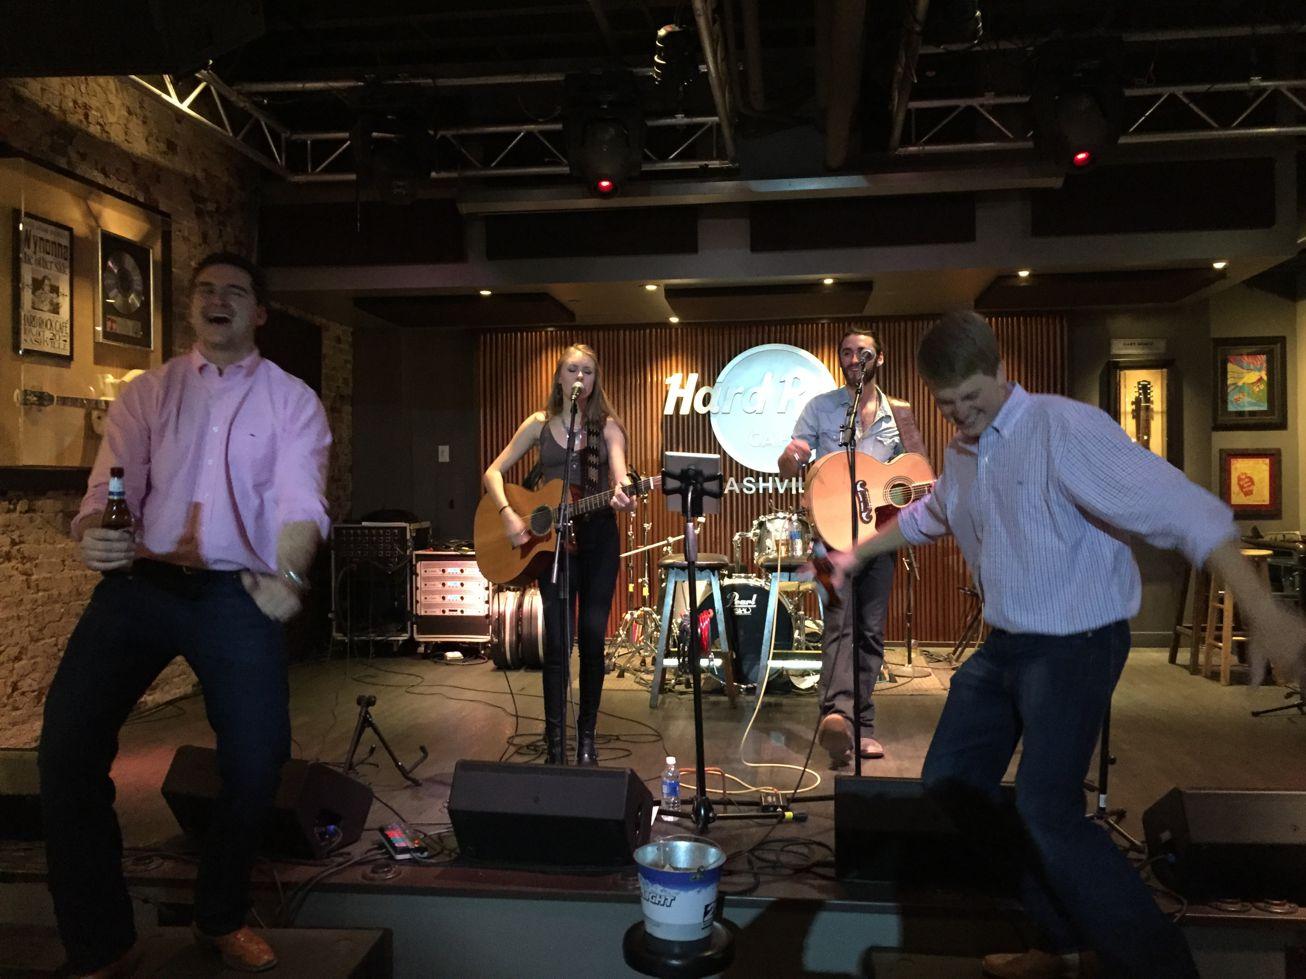 go_go_dancers_at_The_HardRock_Nashville.jpg